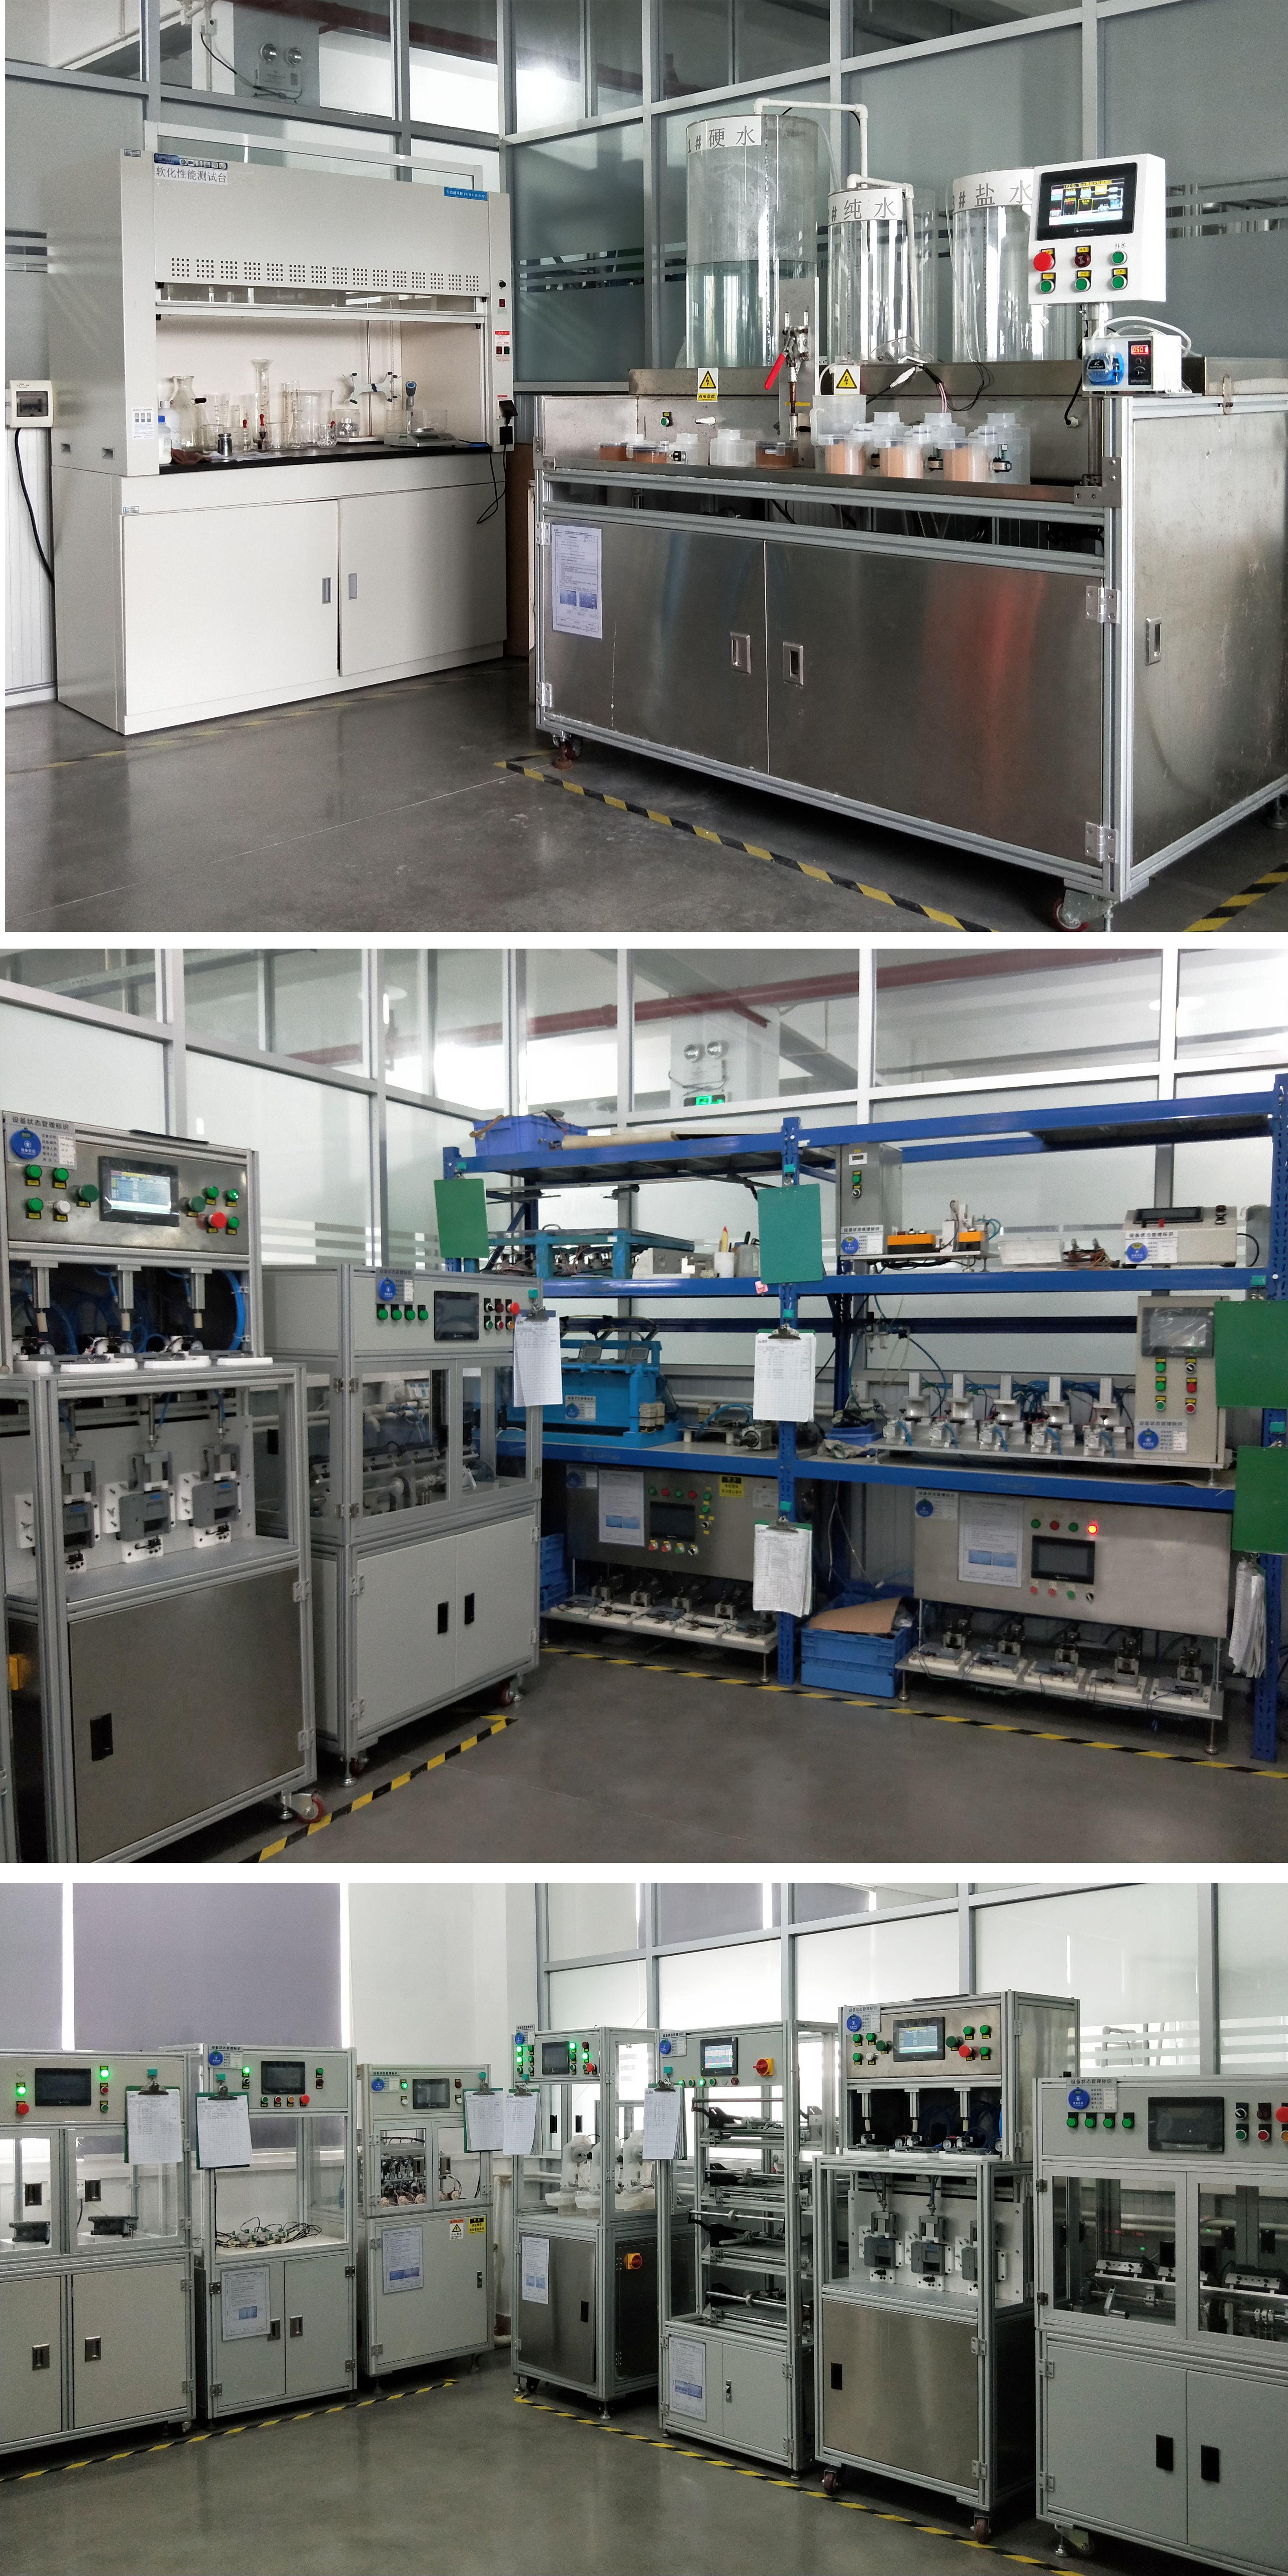 18产品检测设备-1.jpg